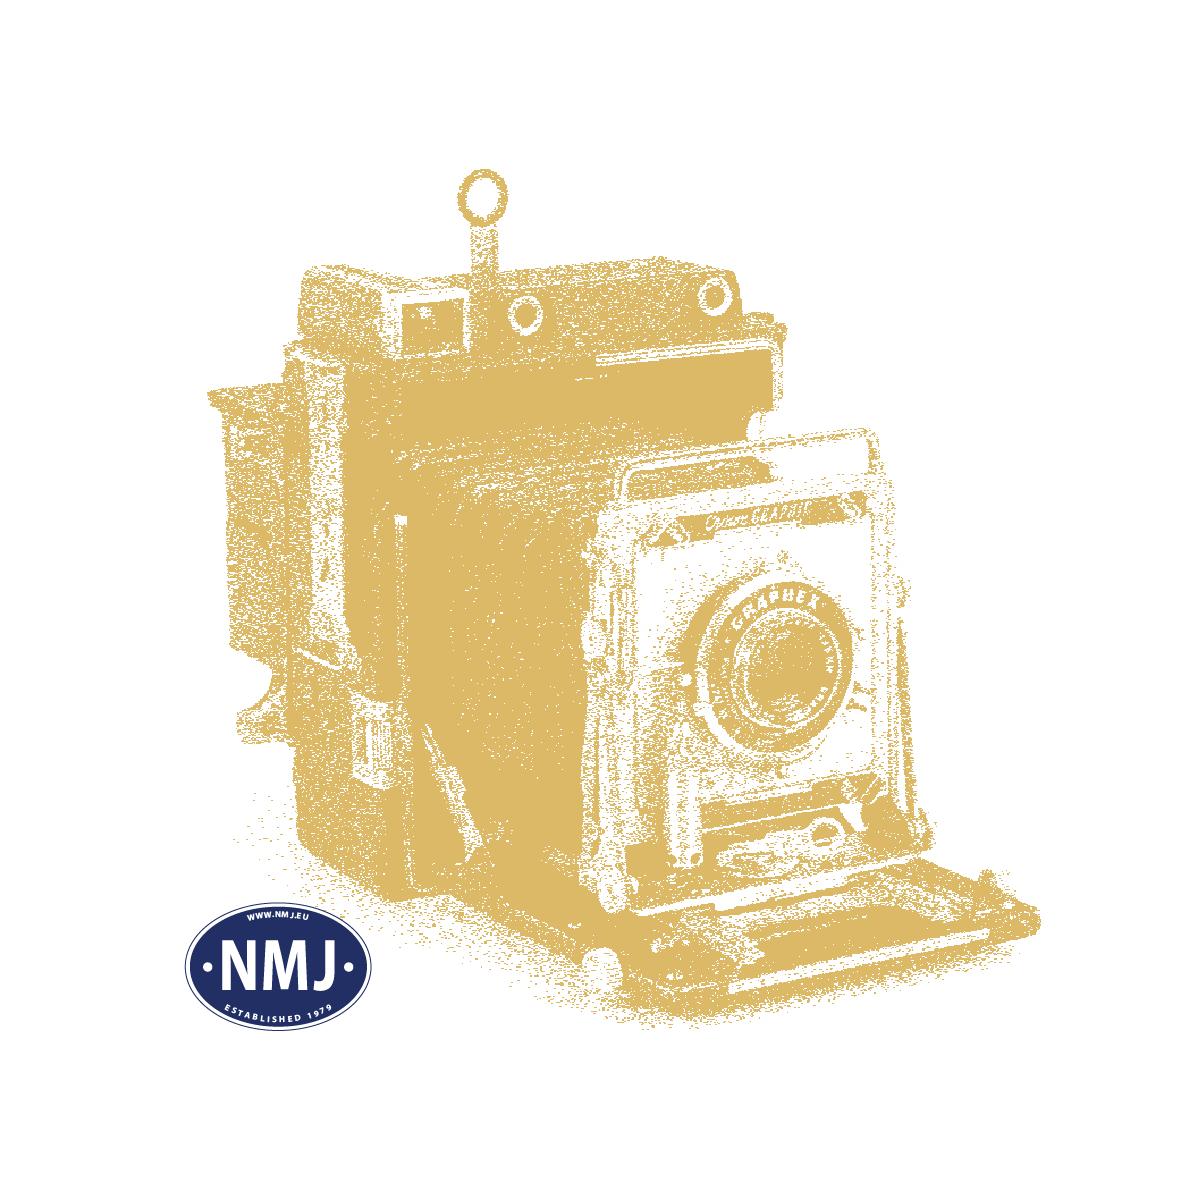 Topline Personvogner, NMJ Topline 405.105 MAV 2.Cl. Couchette Bcmz 50-91-108-0, H0 , NMJT405.105